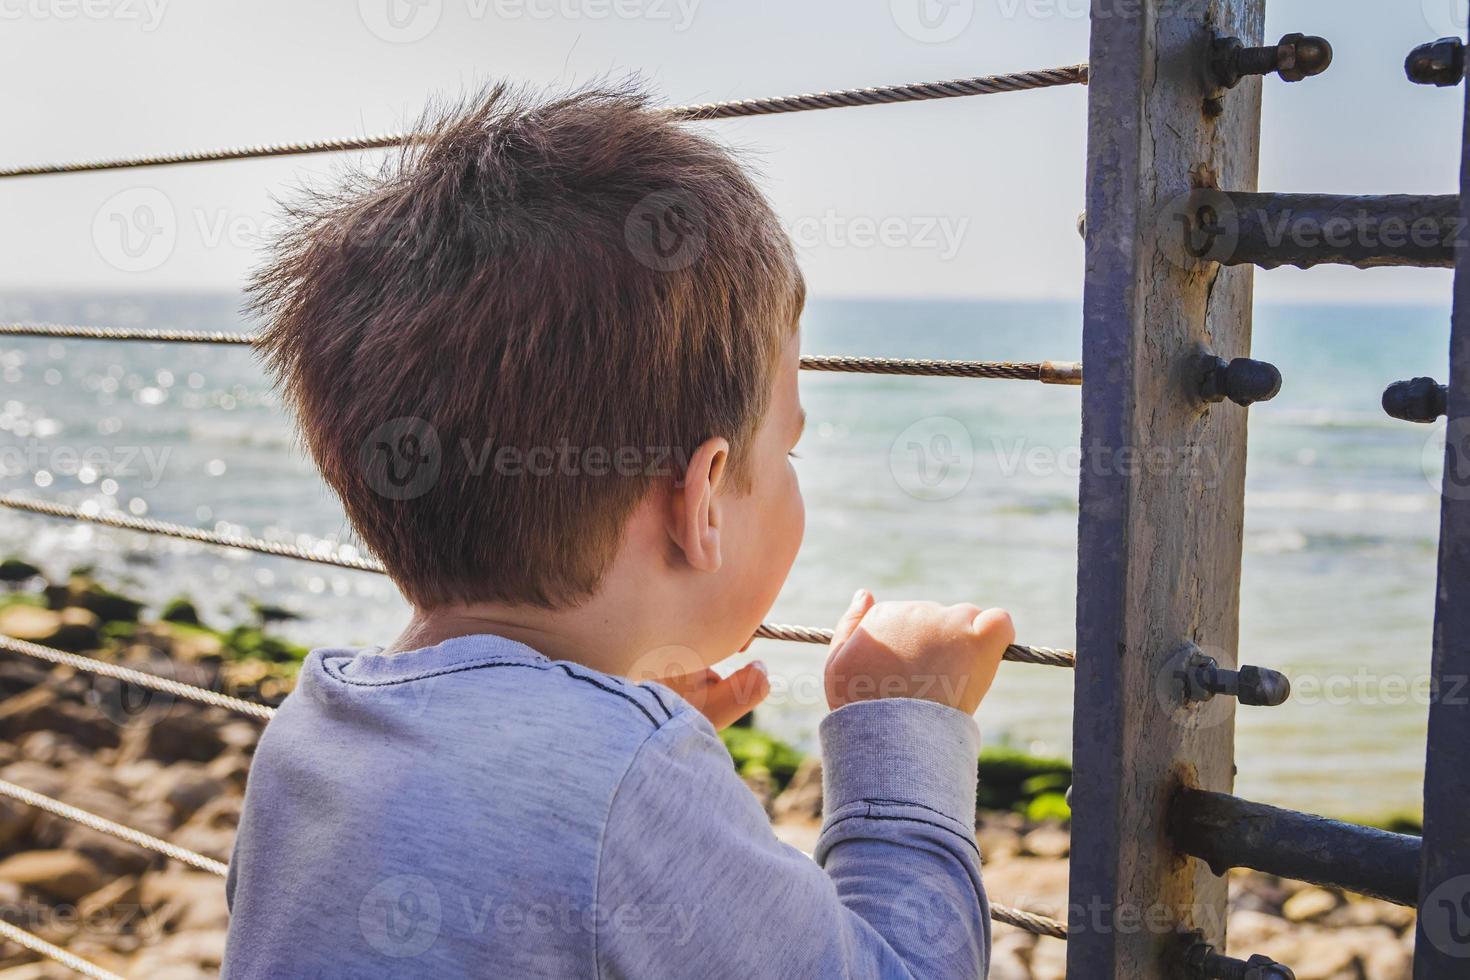 jonge jongen kijkt ver weg naar de horizon van achter een metalen hek foto